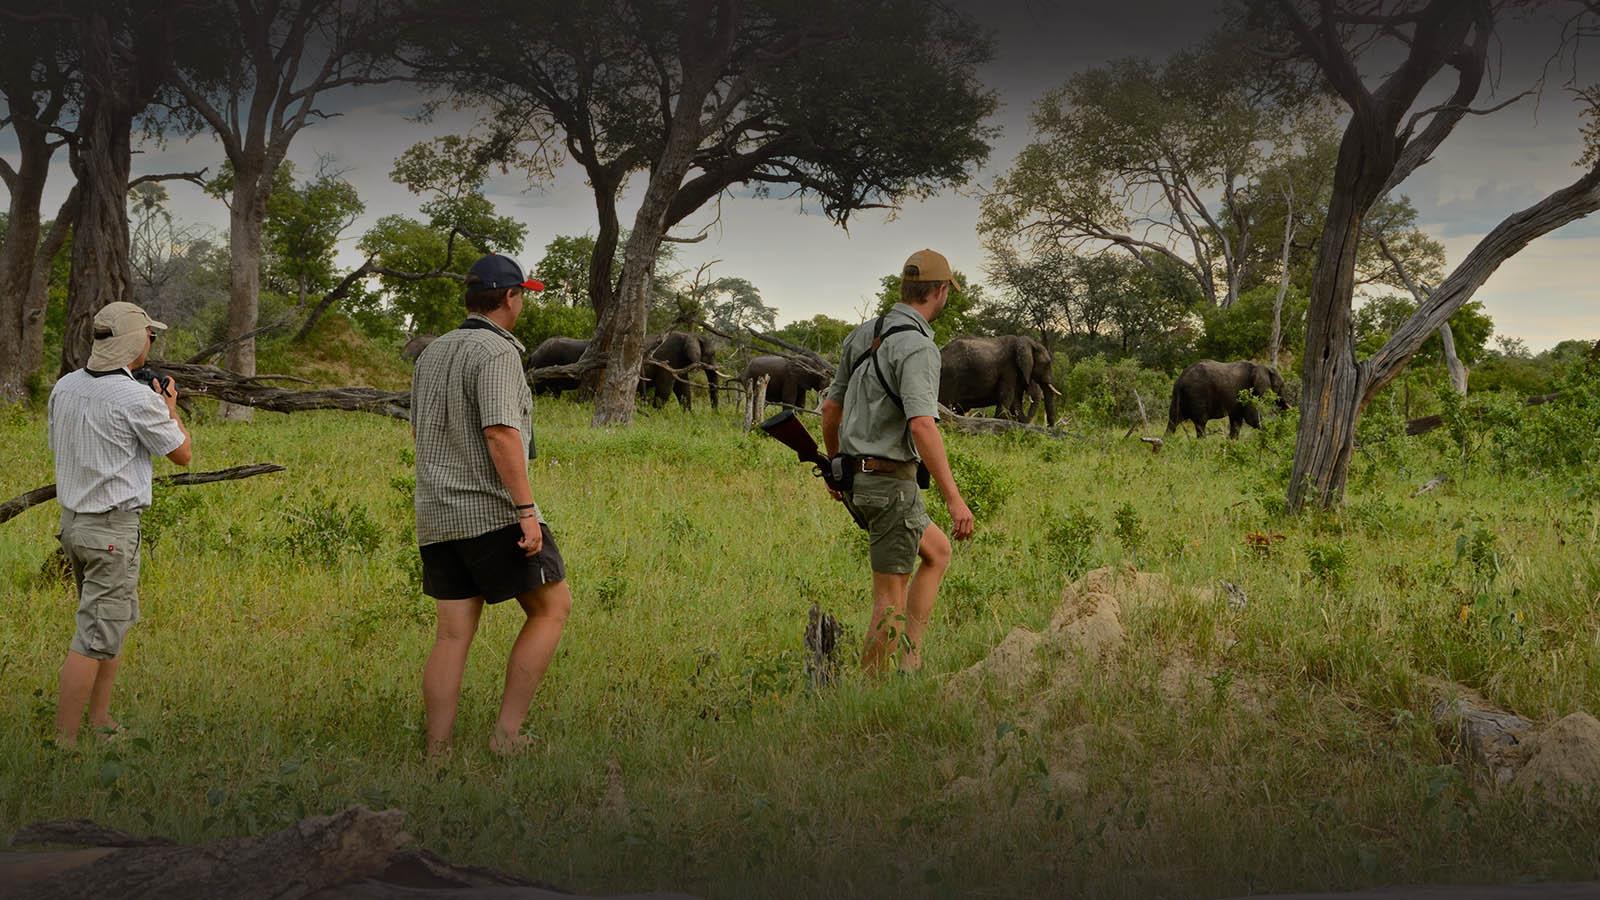 bomani tented lodge zimbabwe-accommodation-hwange-national-park-lodges-safari-walk-elephants